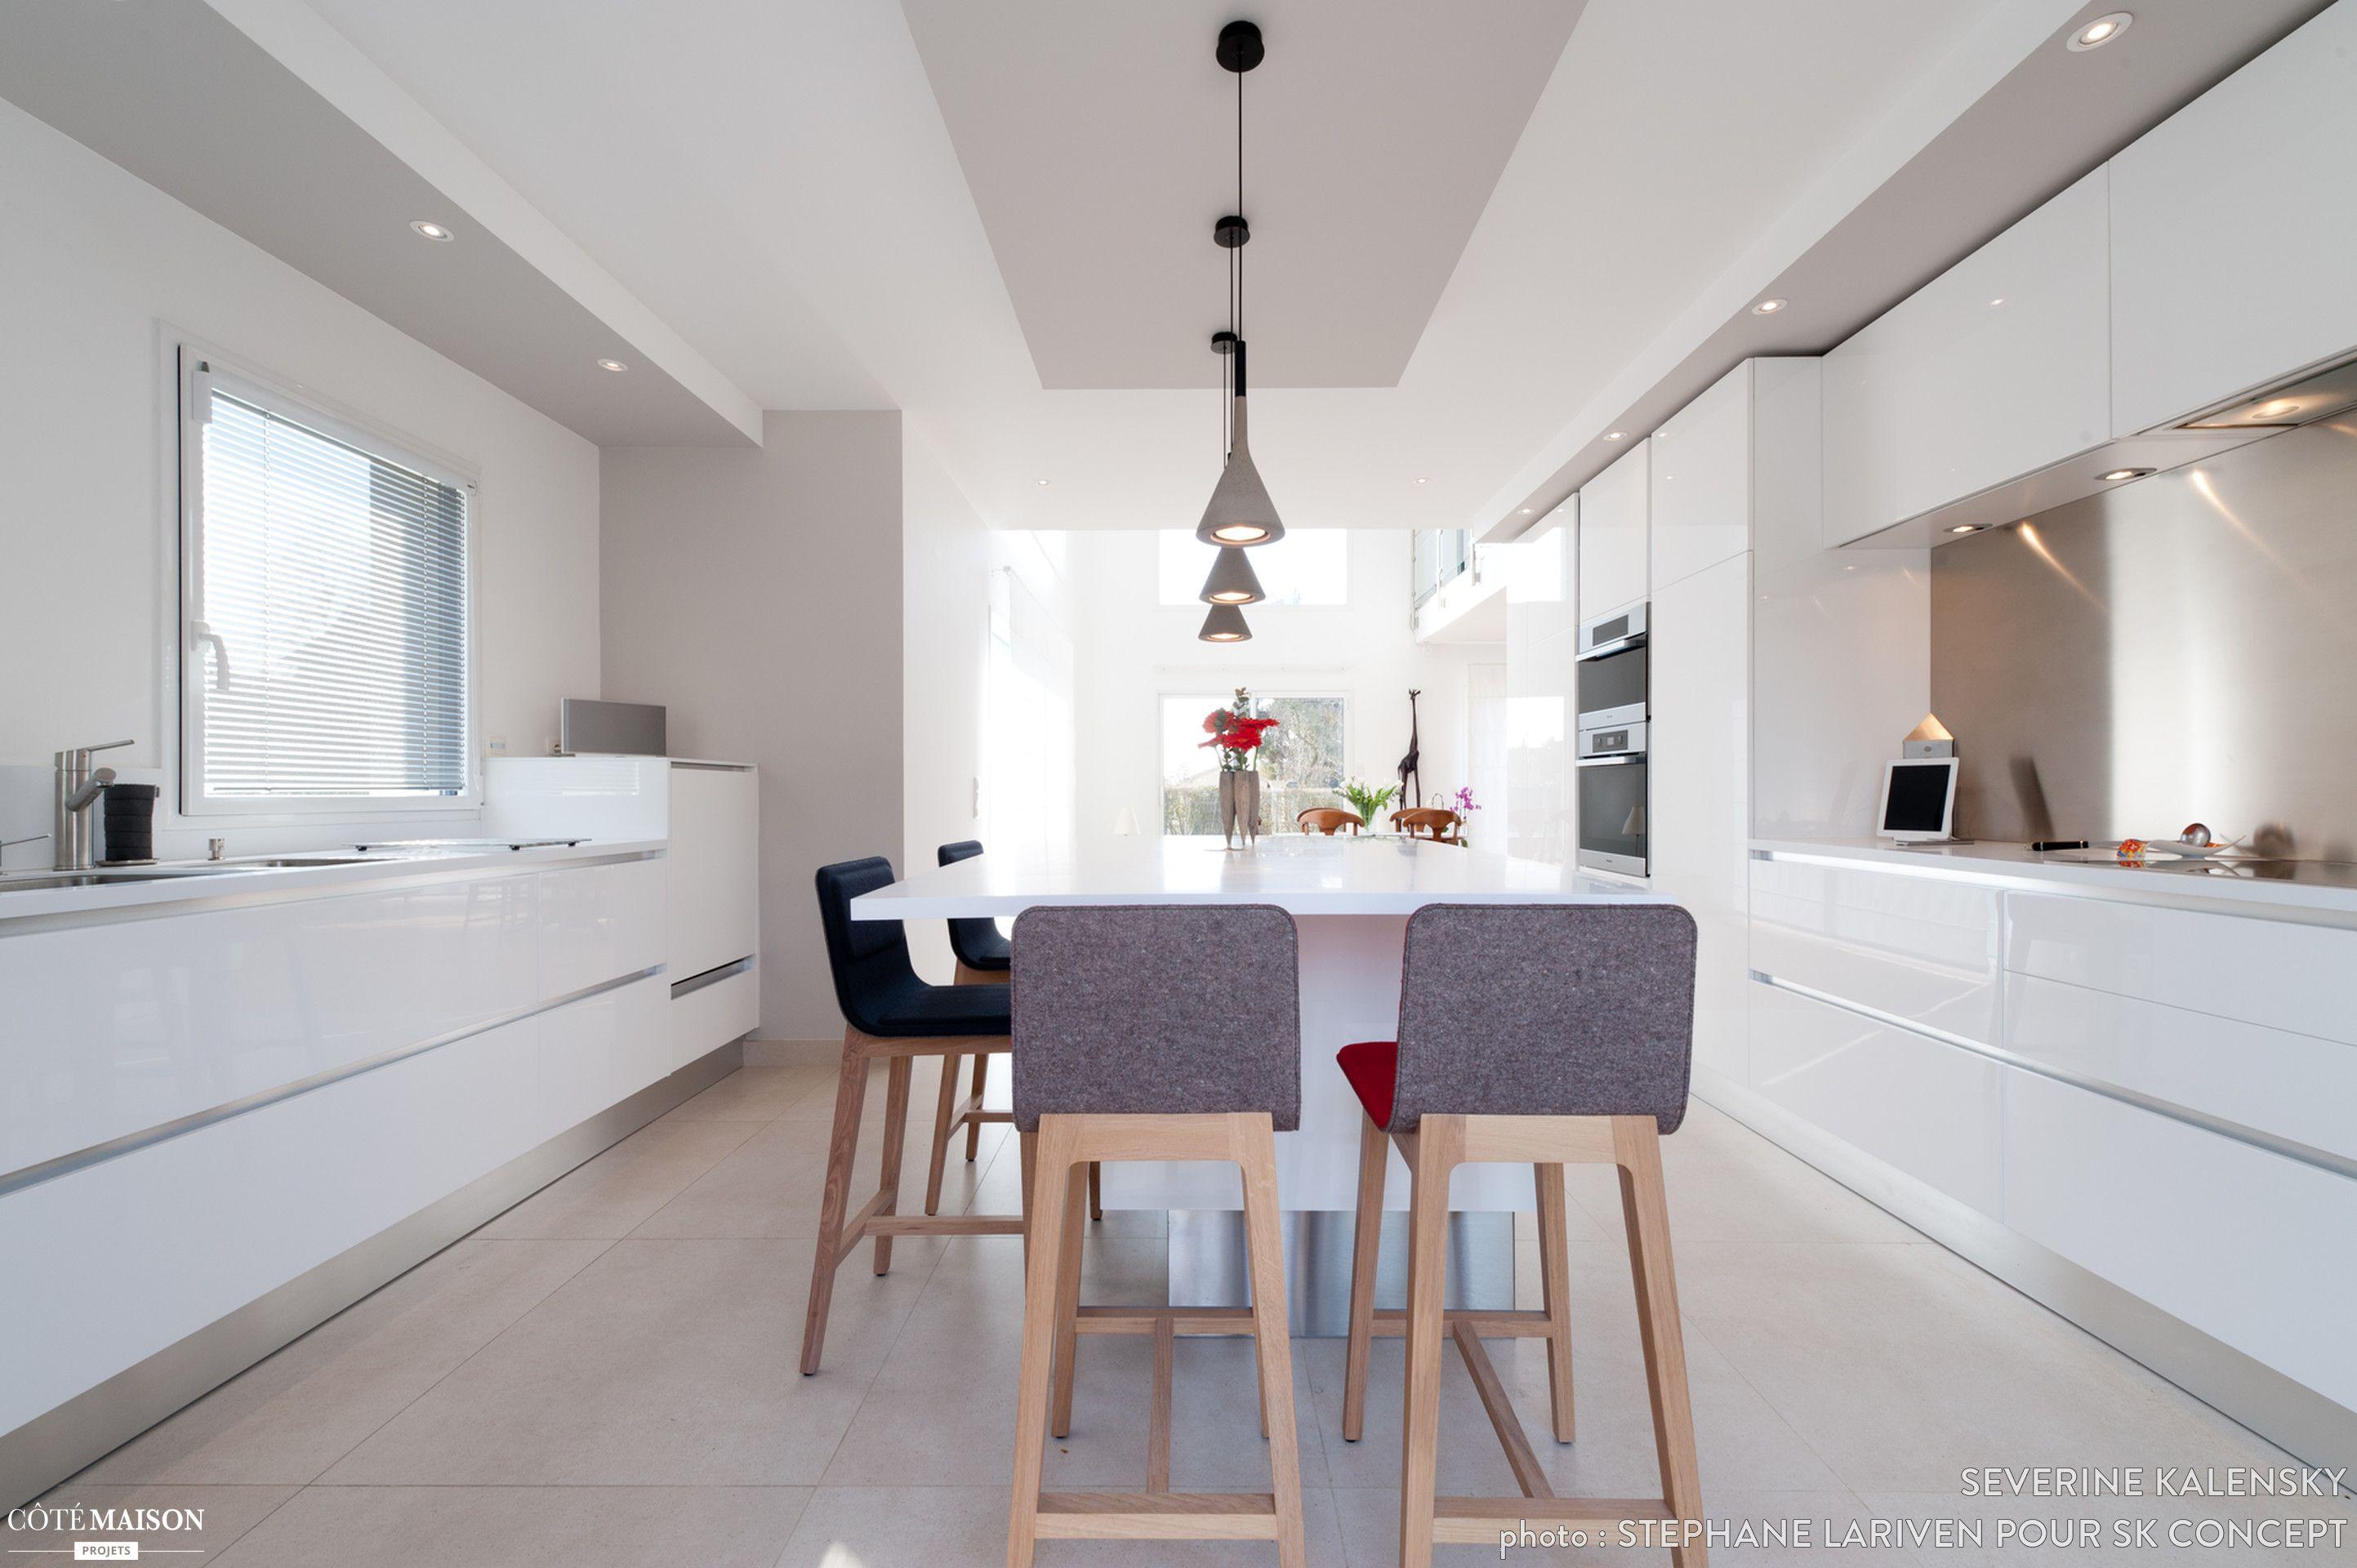 Cuisine Blanche Design Armony Daumesnil Finition Extrême Blanc - Cote maison salon pour idees de deco de cuisine